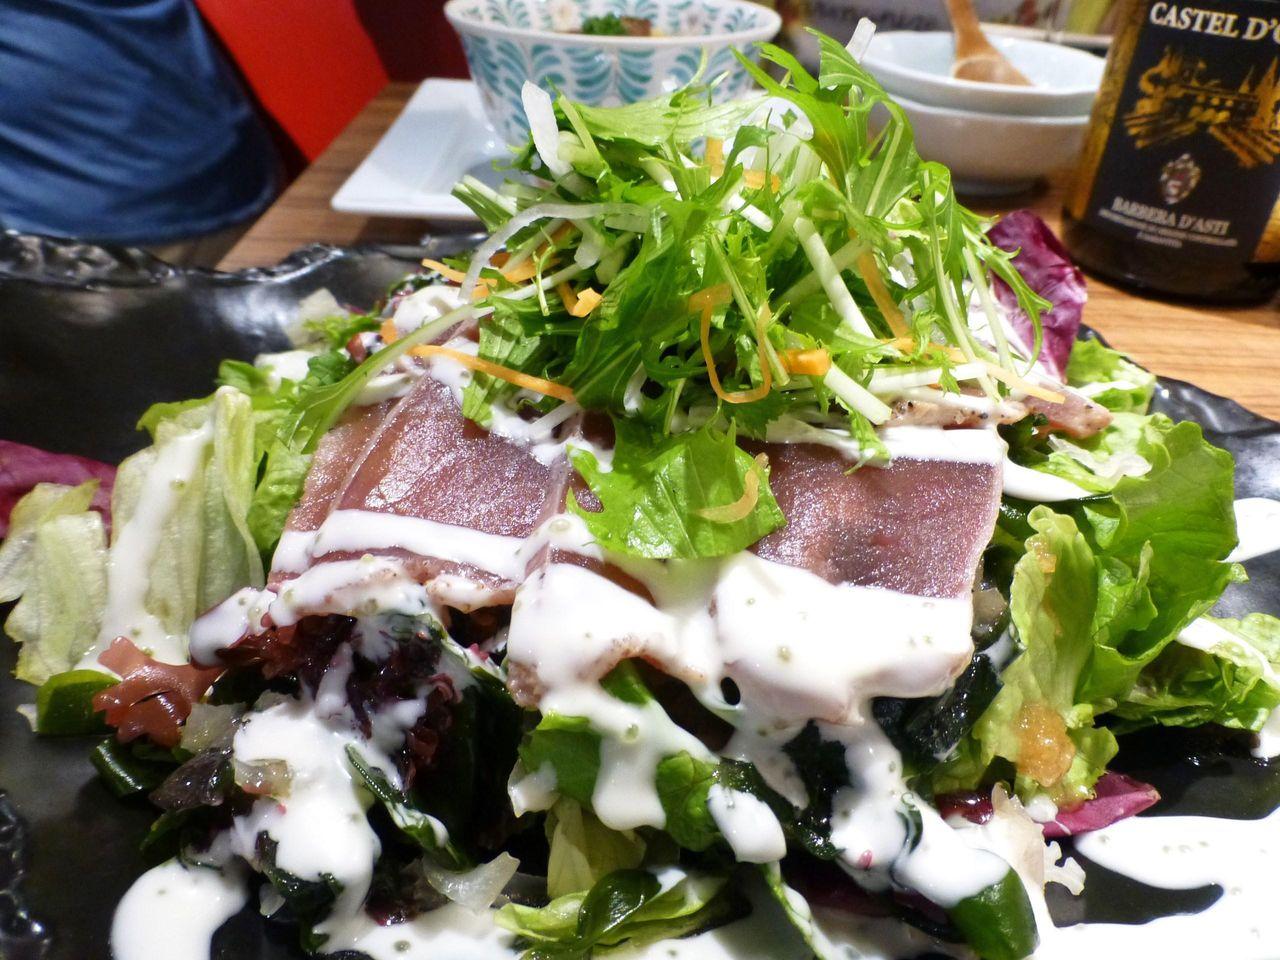 マグロの炙りサラダ950円は、3〜4人で食べられるボリューム!